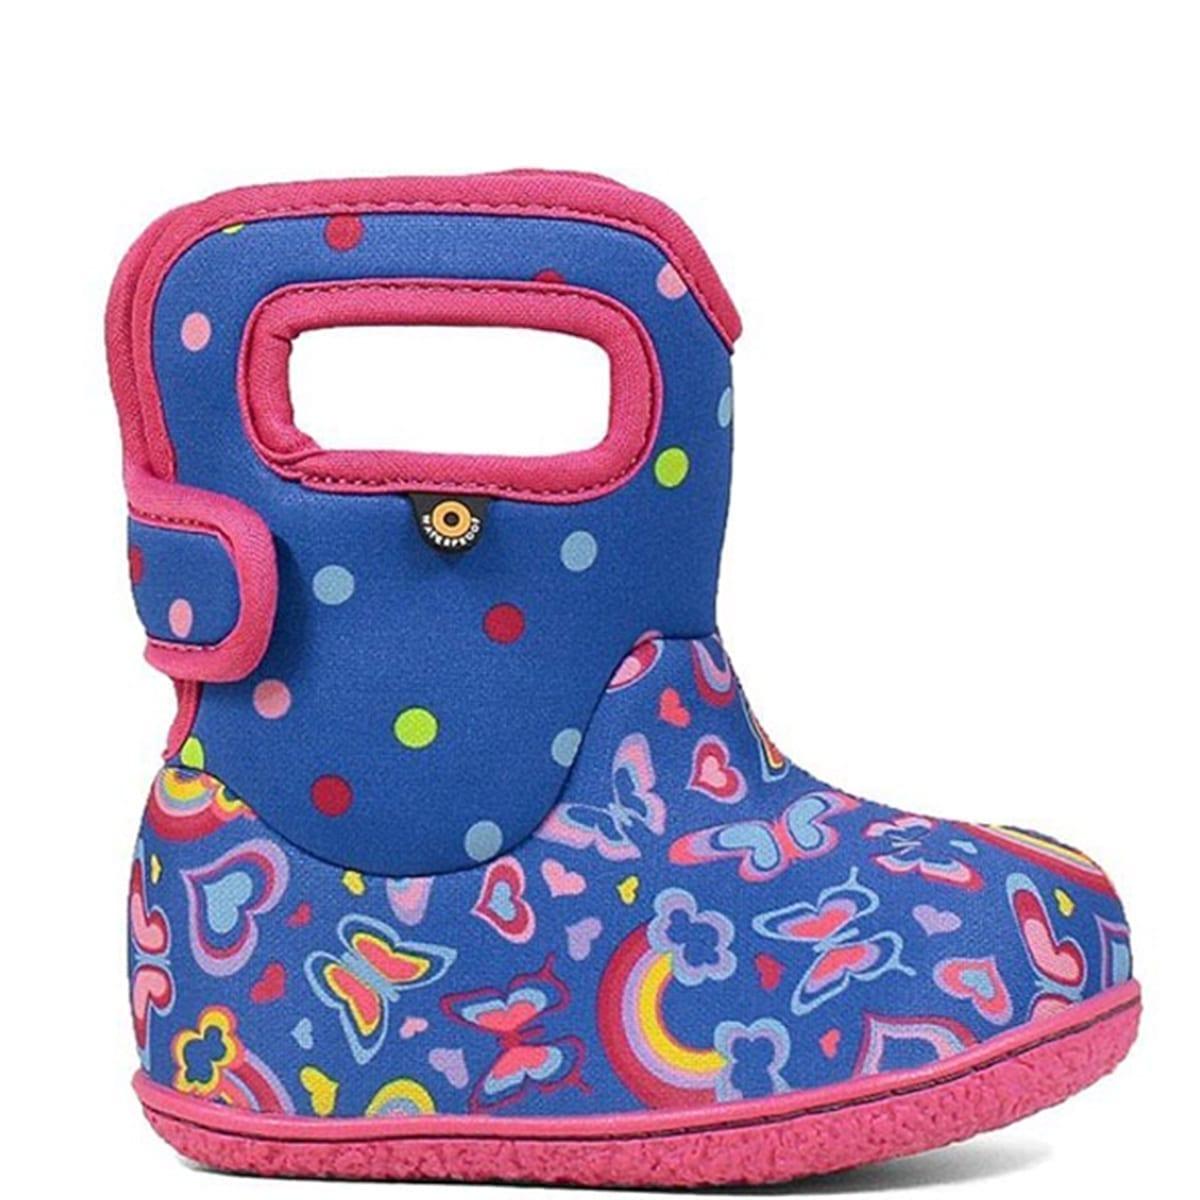 Bogs Baby Bogs Rainbow - Stomp Footwear